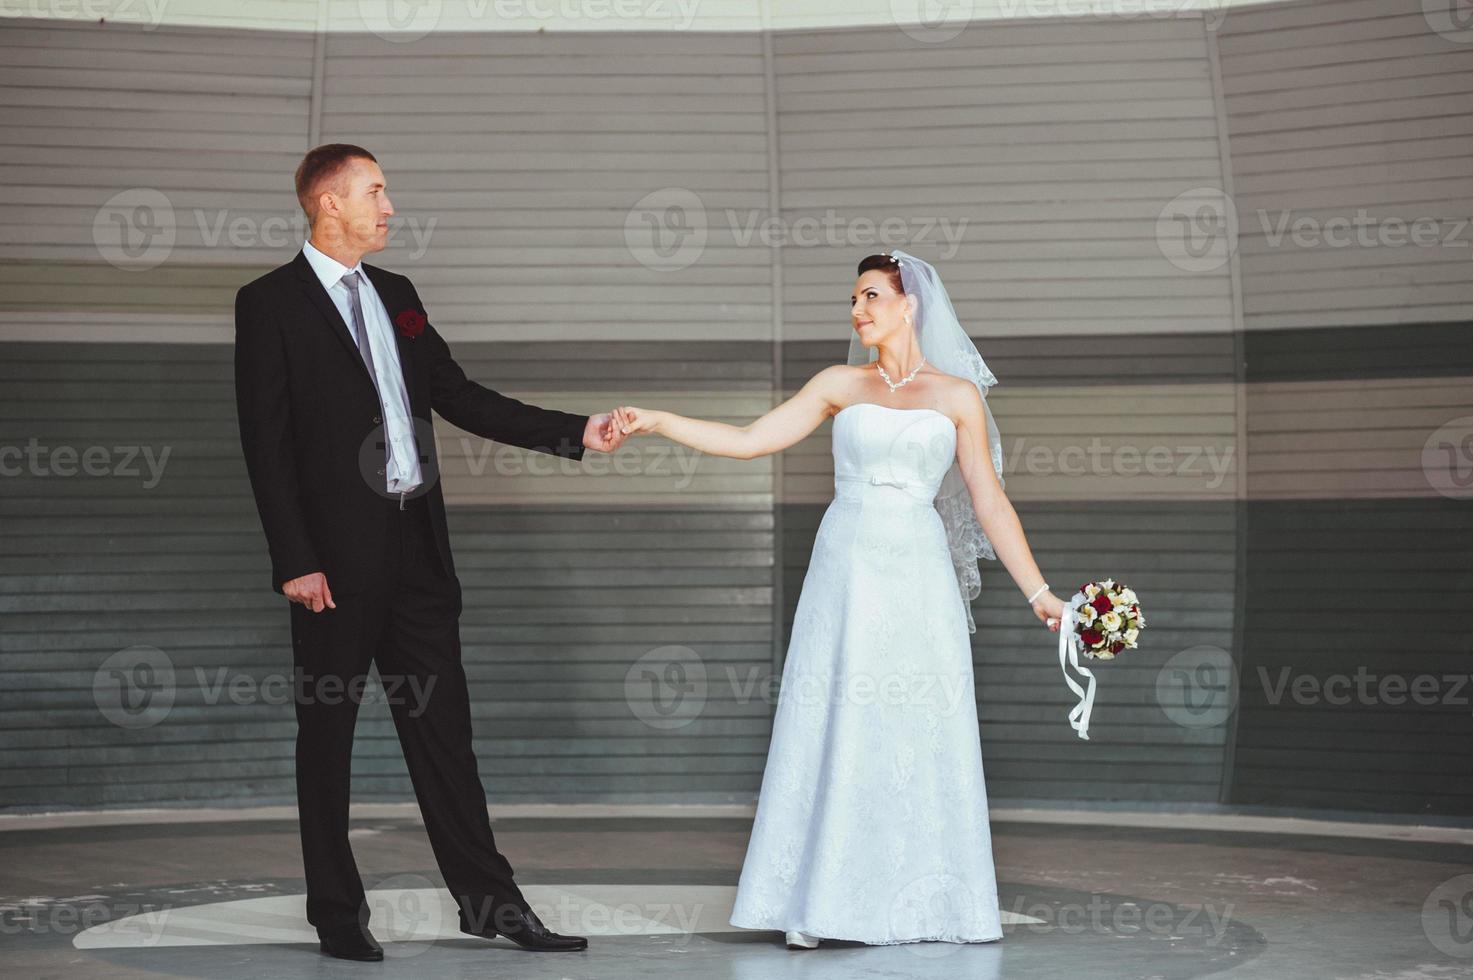 baile de bodas al aire libre. bailarines les encanta volar foto